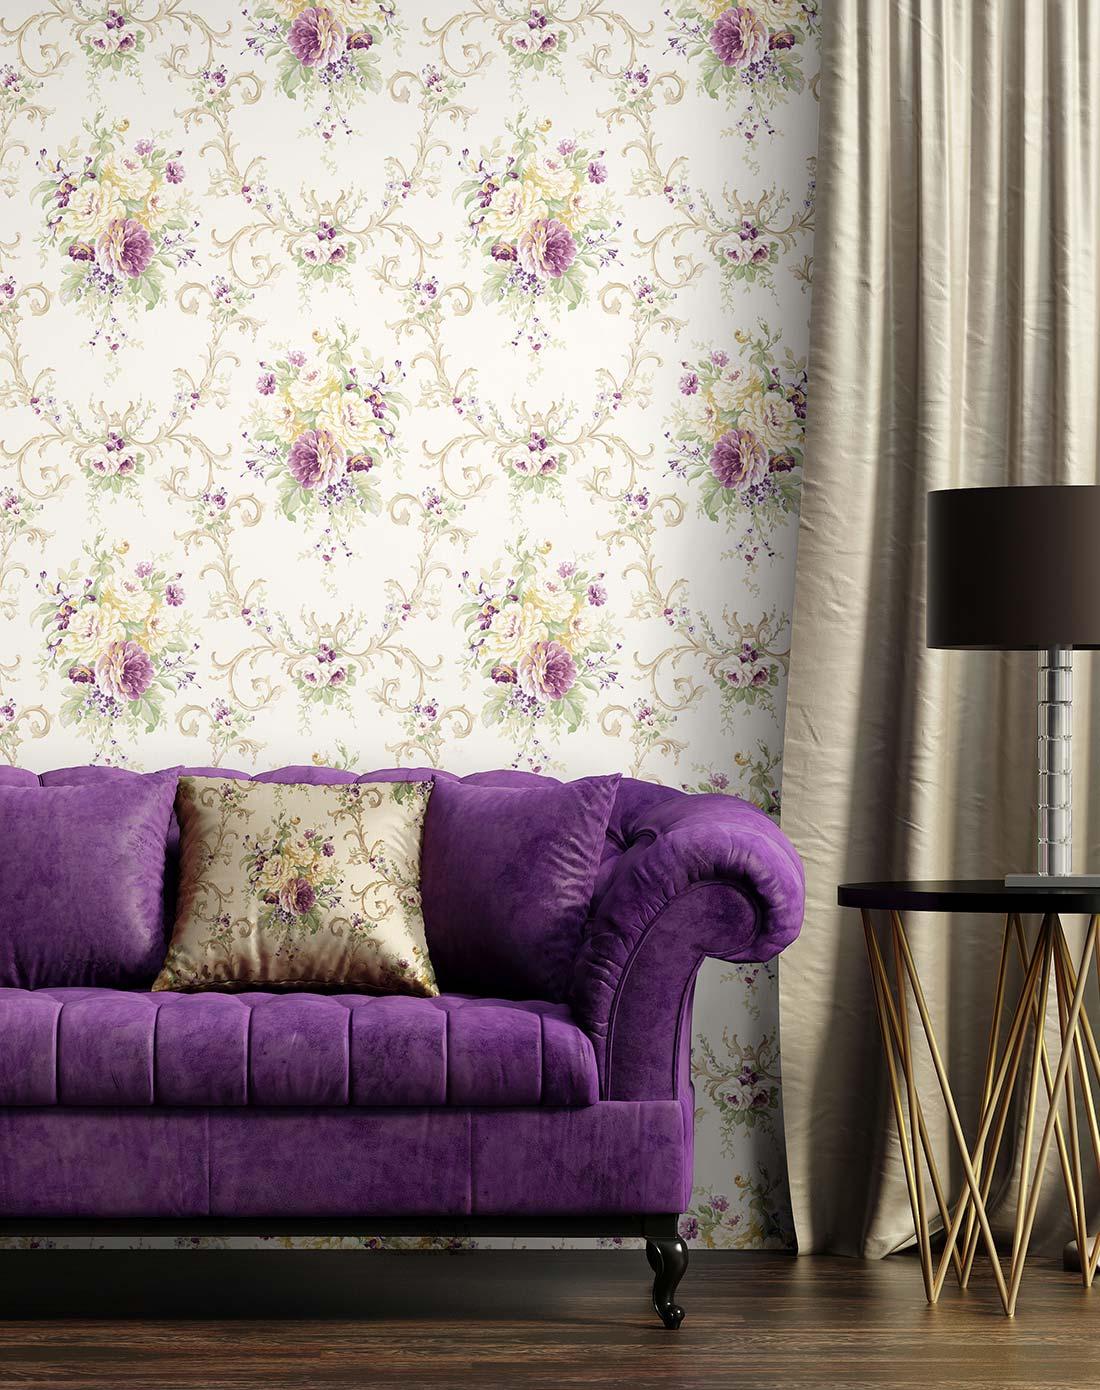 紫色大花美式风格复古纯纸墙纸图片